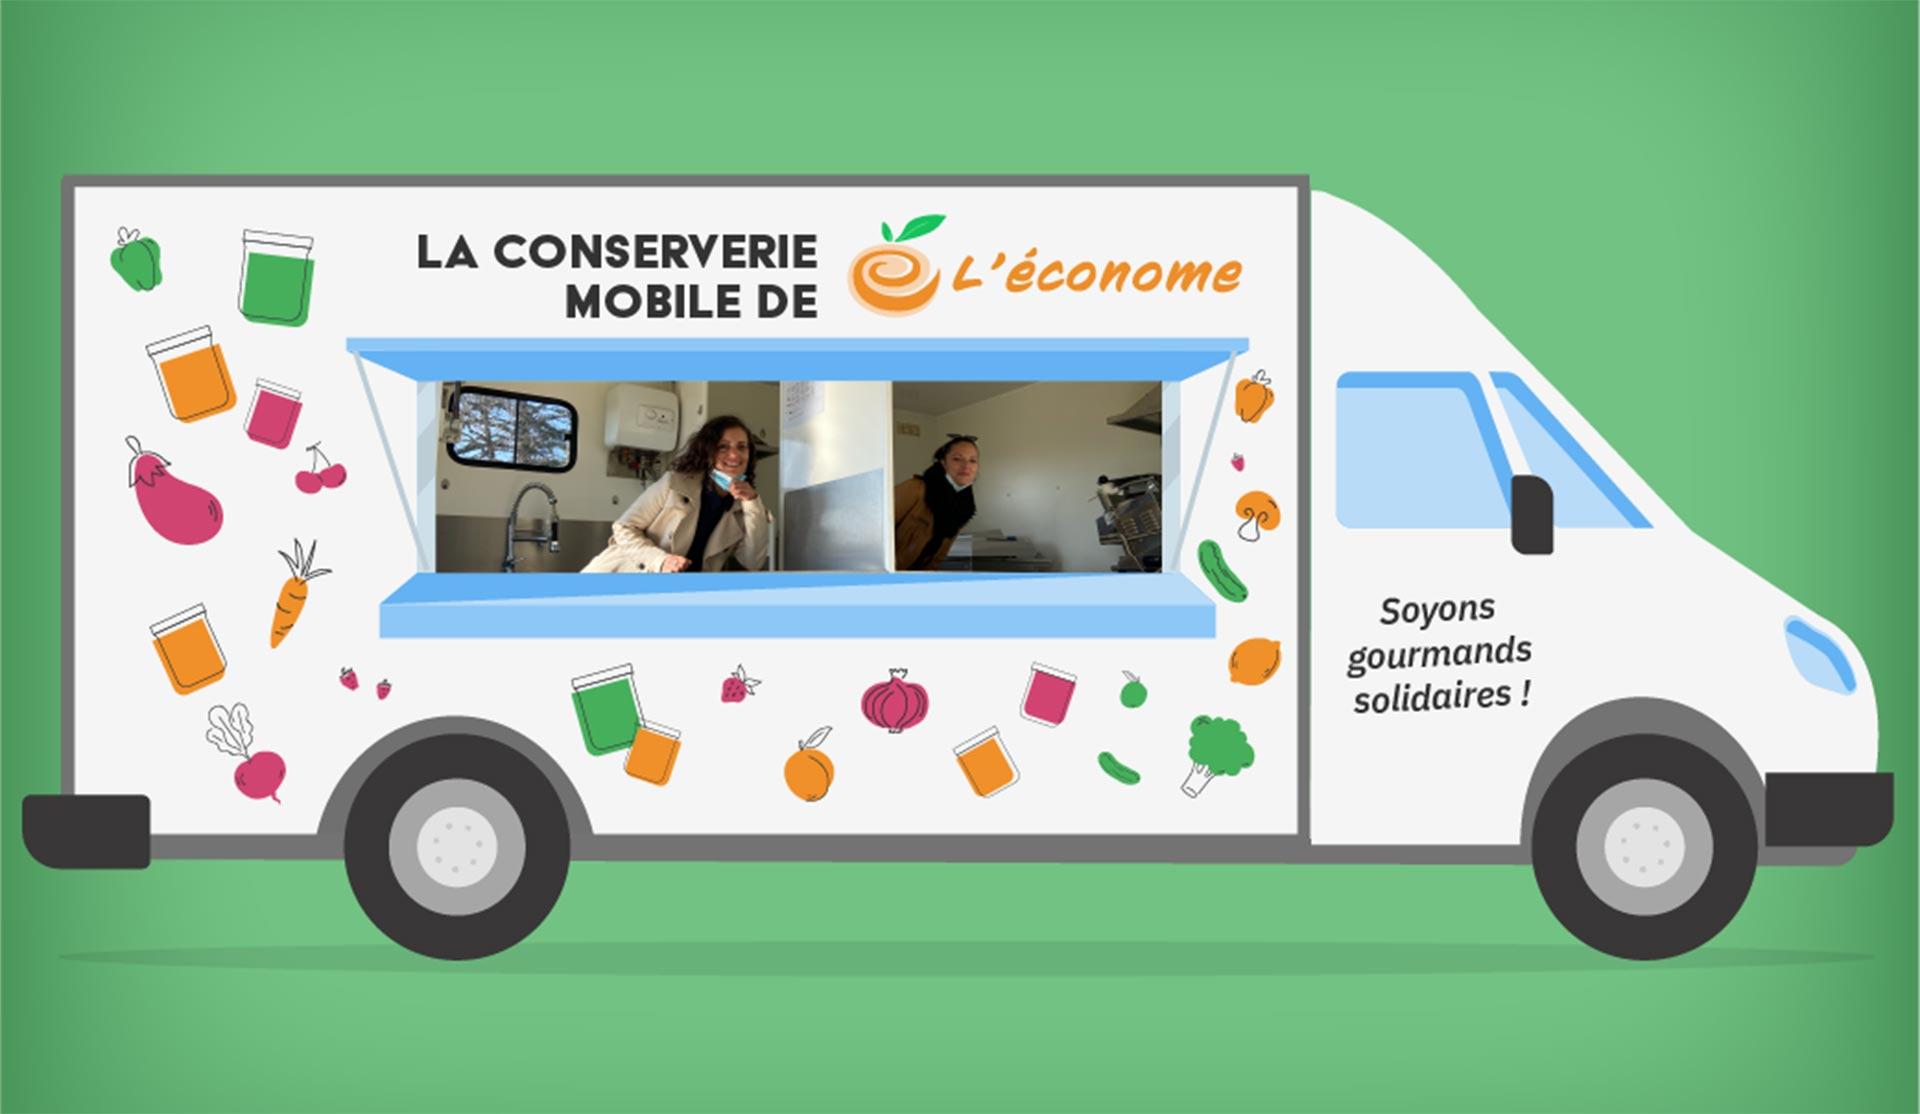 La conserverie mobile de L'Econome